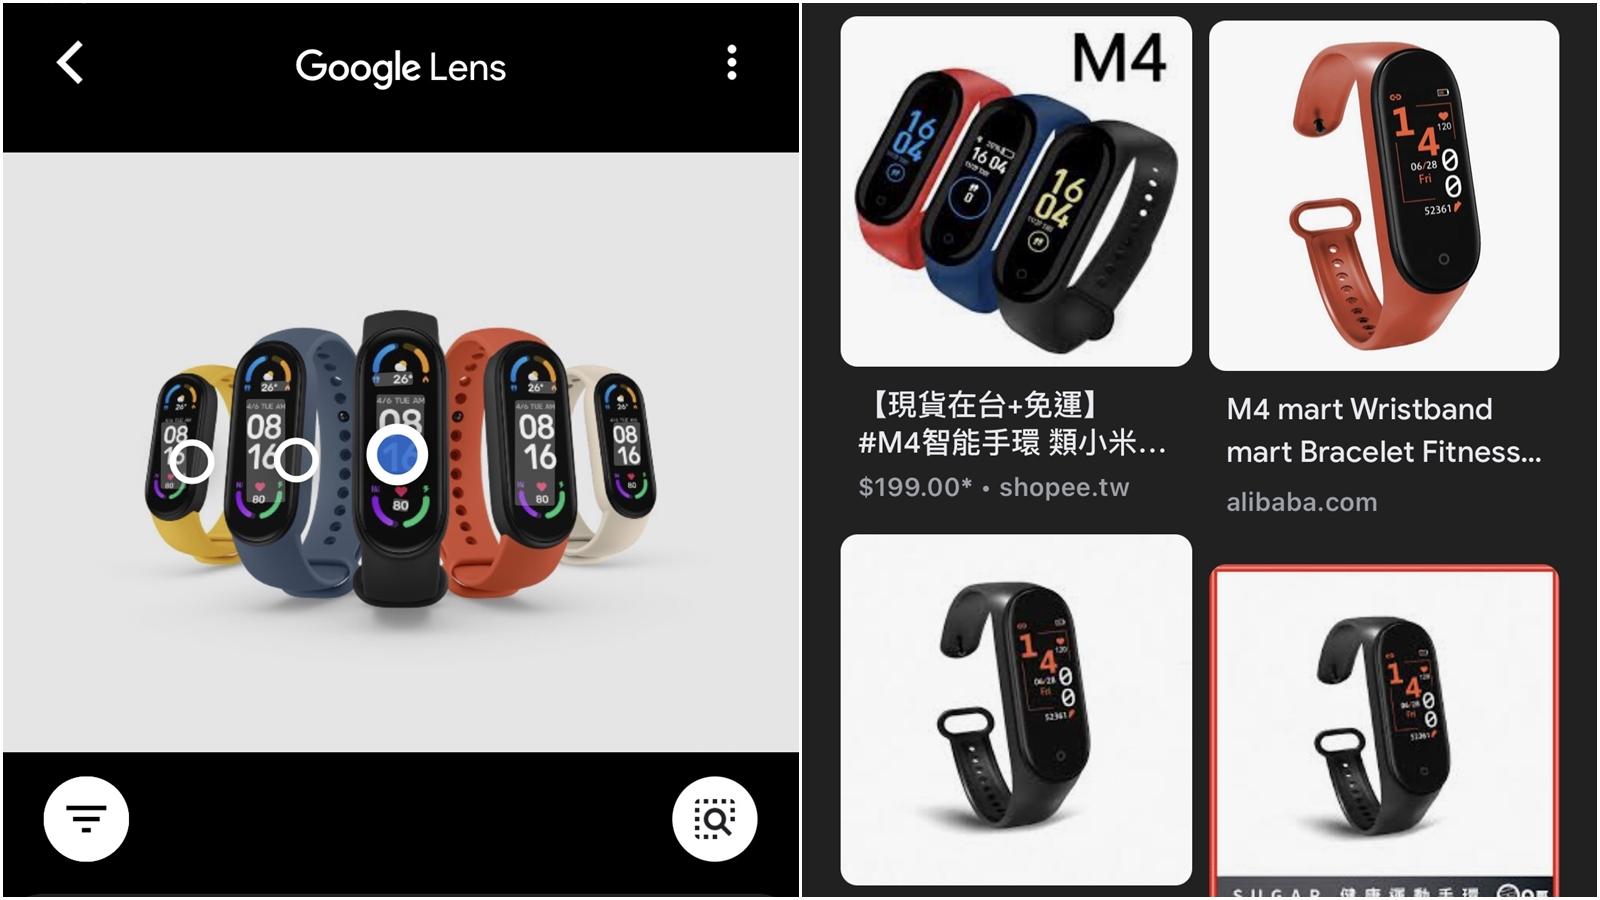 【手機專知】iPhone/Android手機如何「以圖搜圖」?一鍵就能搞定!